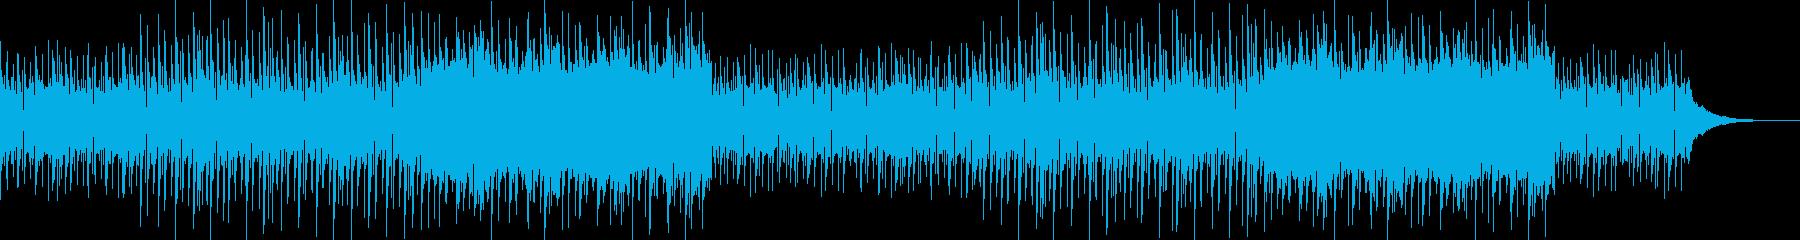 ほのぼの可愛いリズミカルなポップスの再生済みの波形